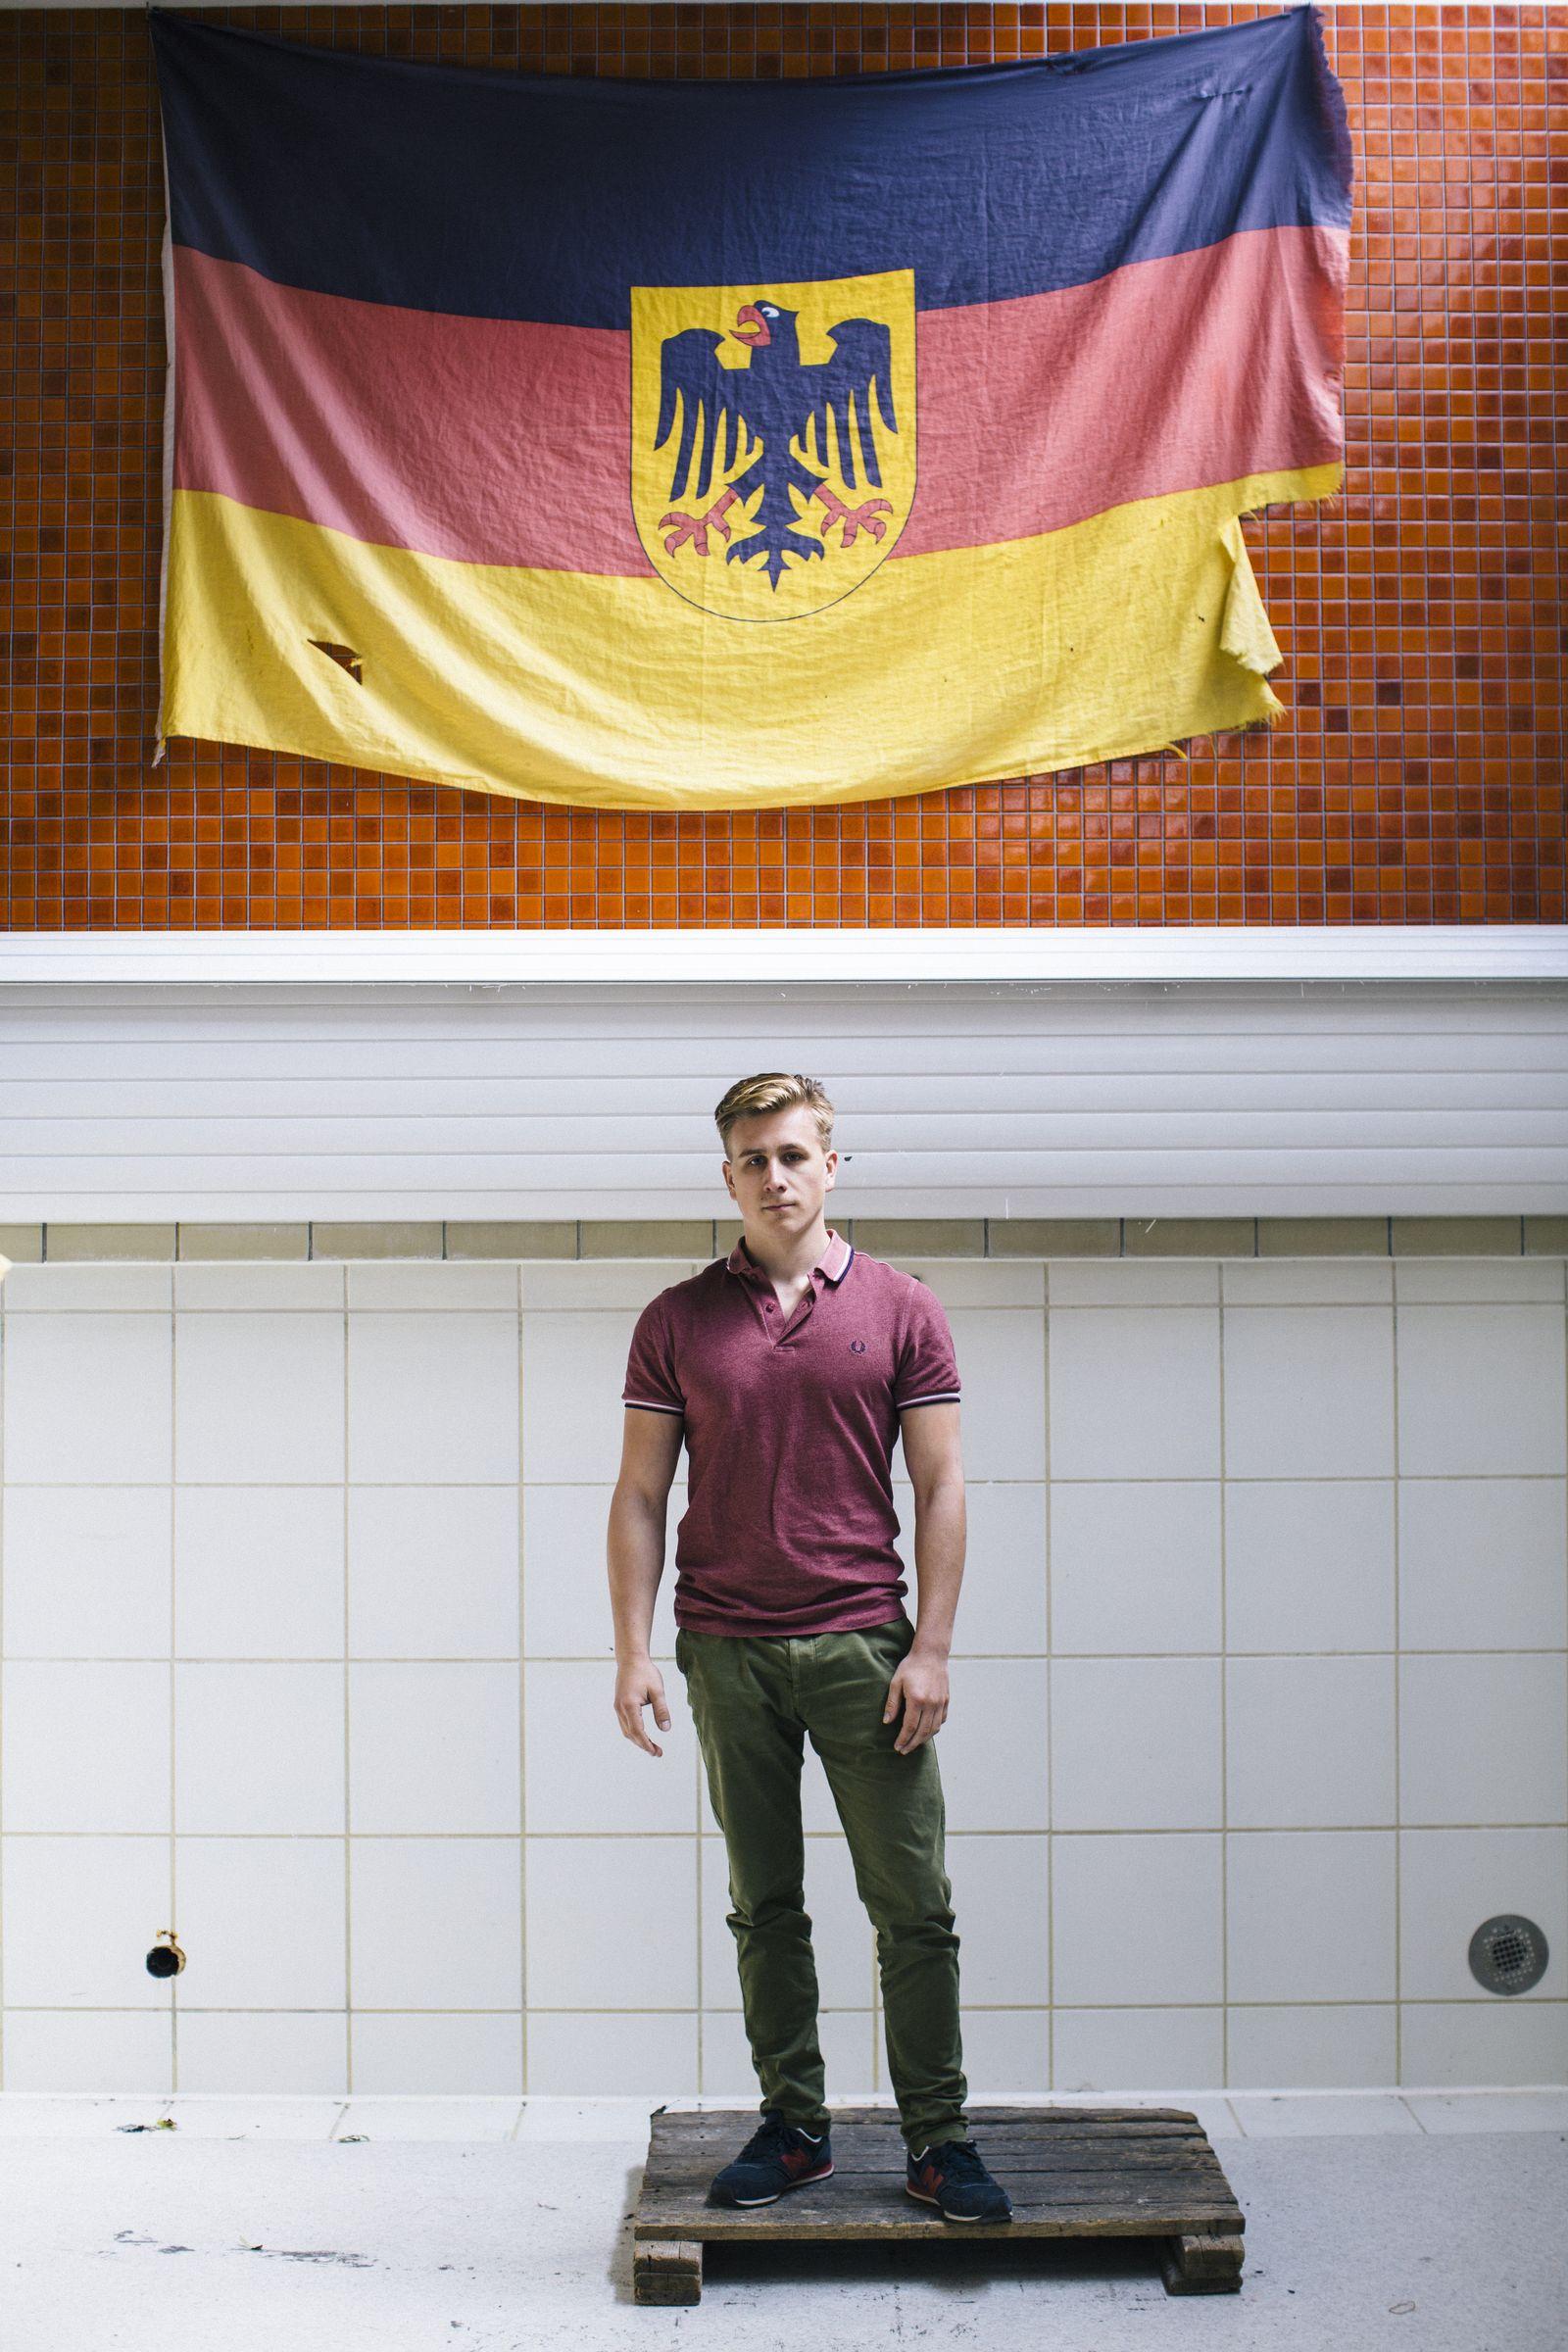 Spiegel 3/2017 Nazi-Jäger / Arndt Novak von der Identitaeren Bewegung